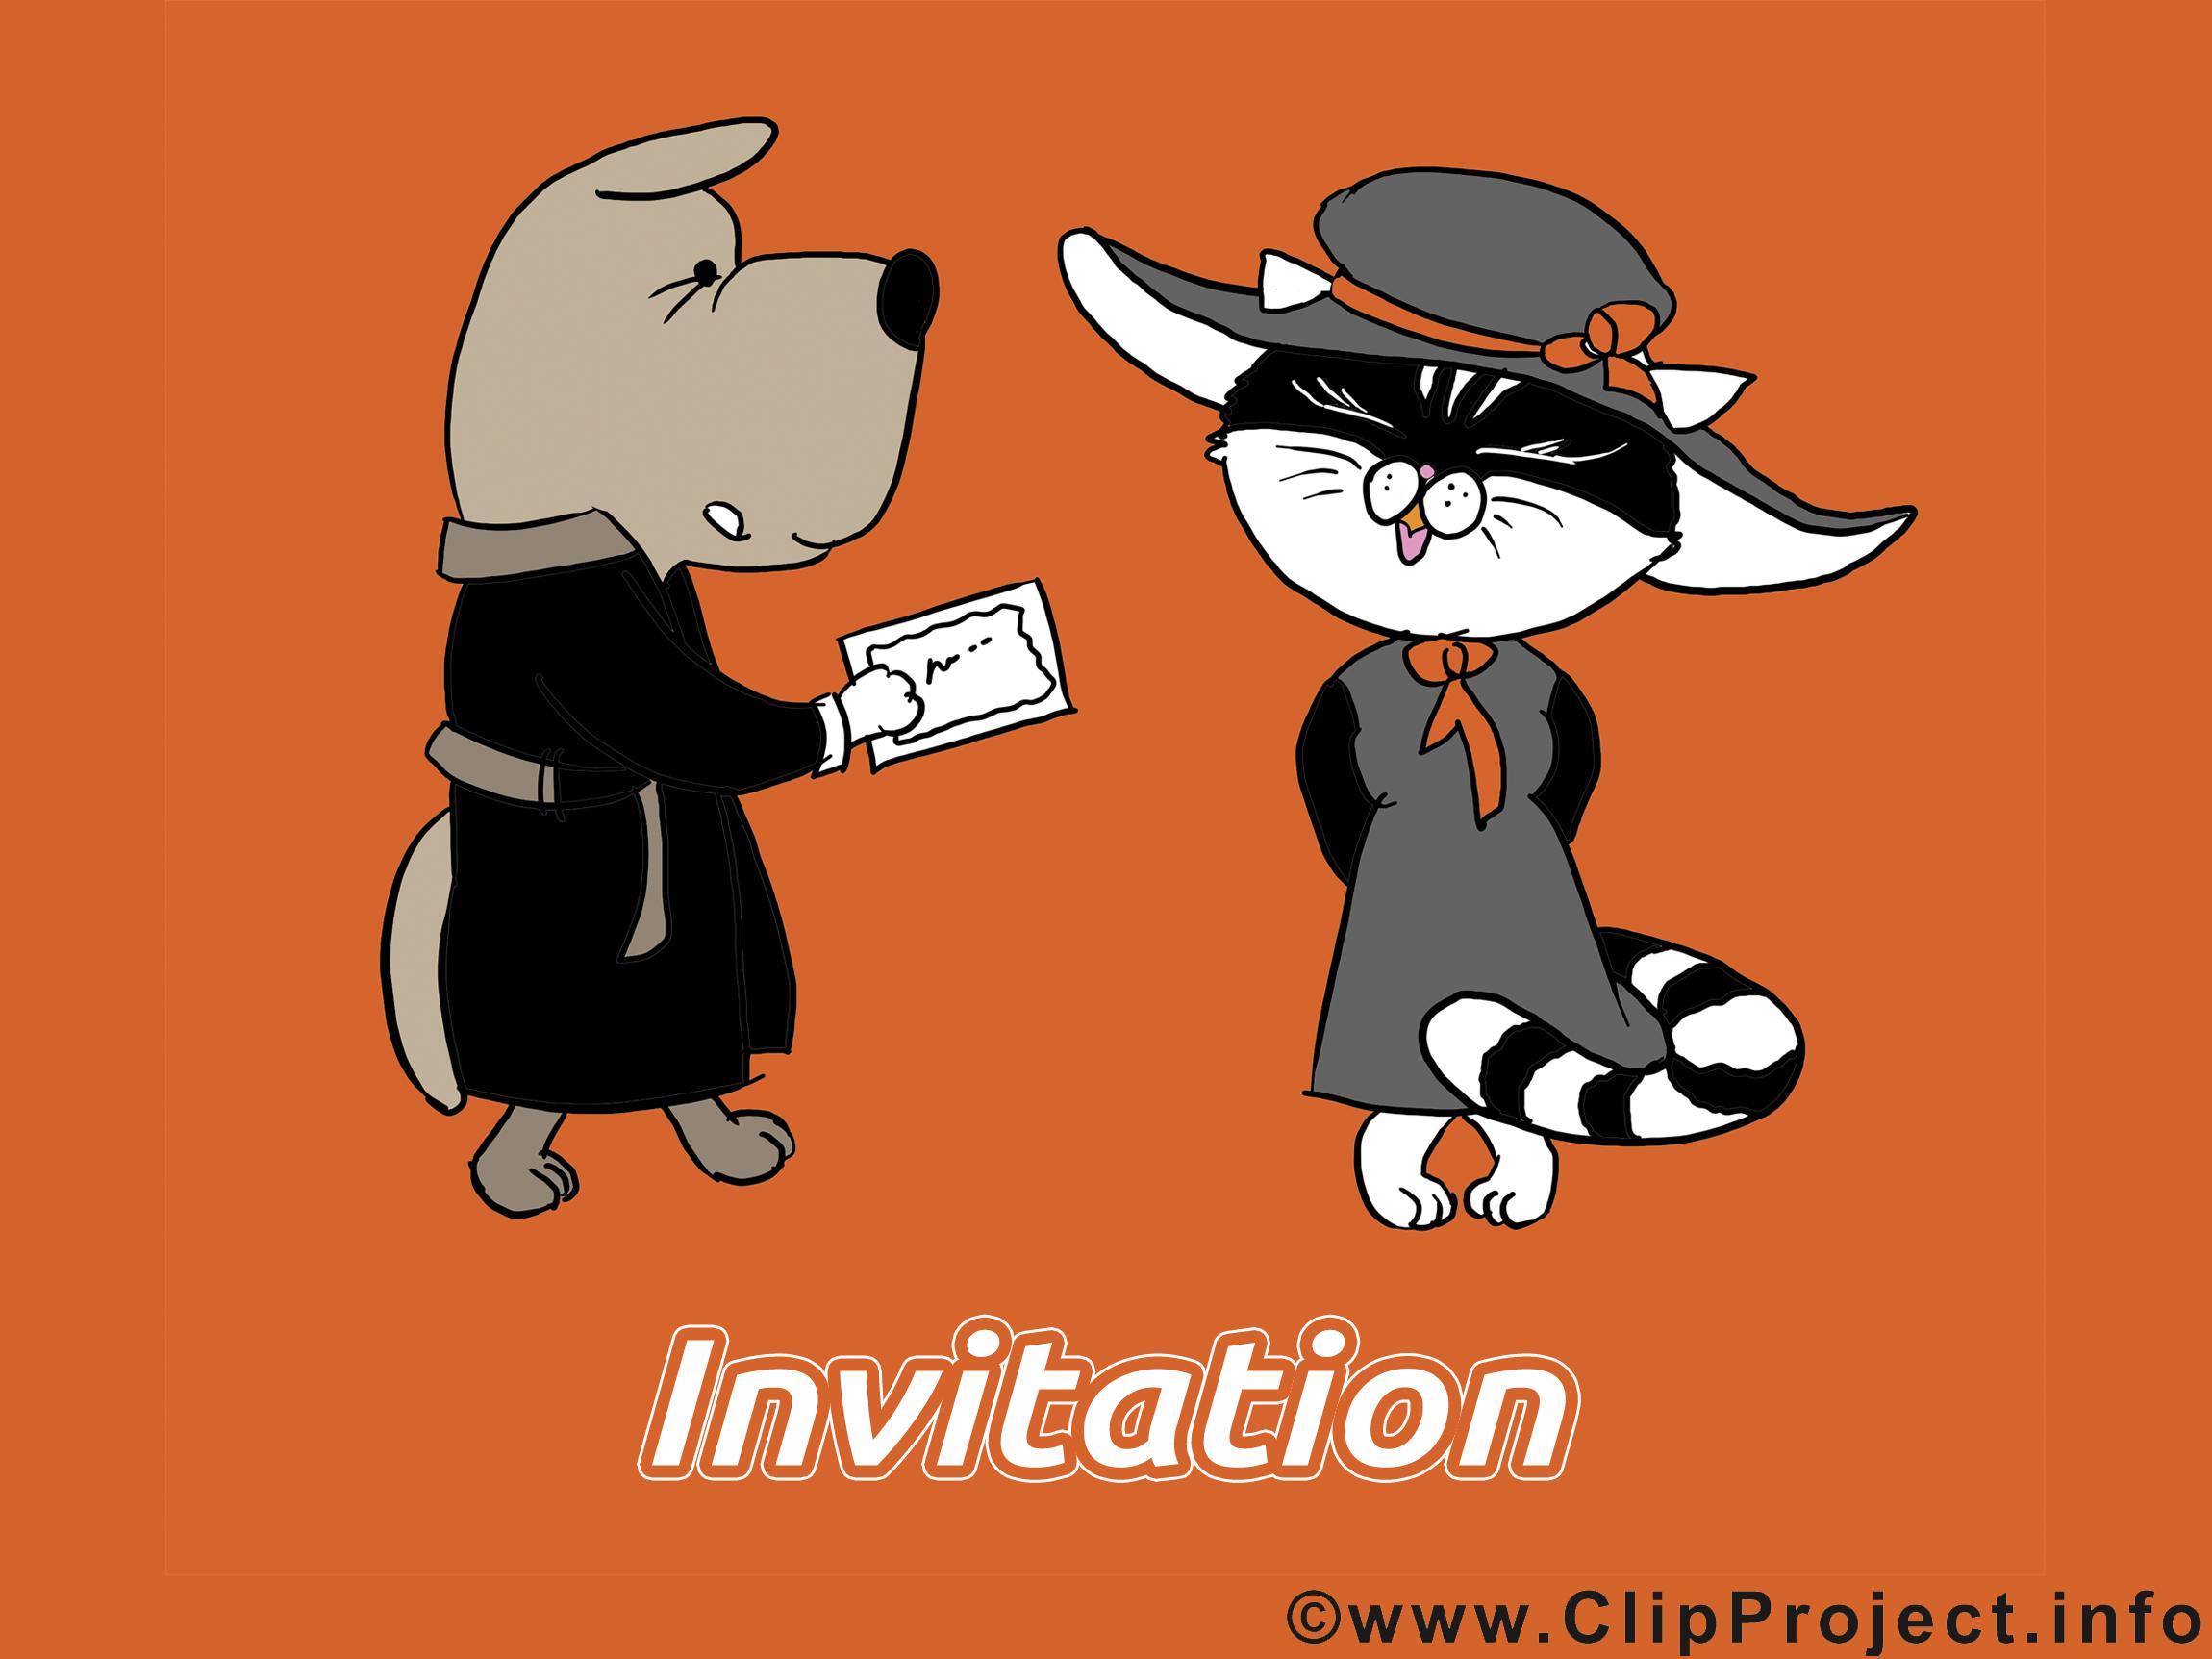 Chien chat cliparts gratuis - Invitation images